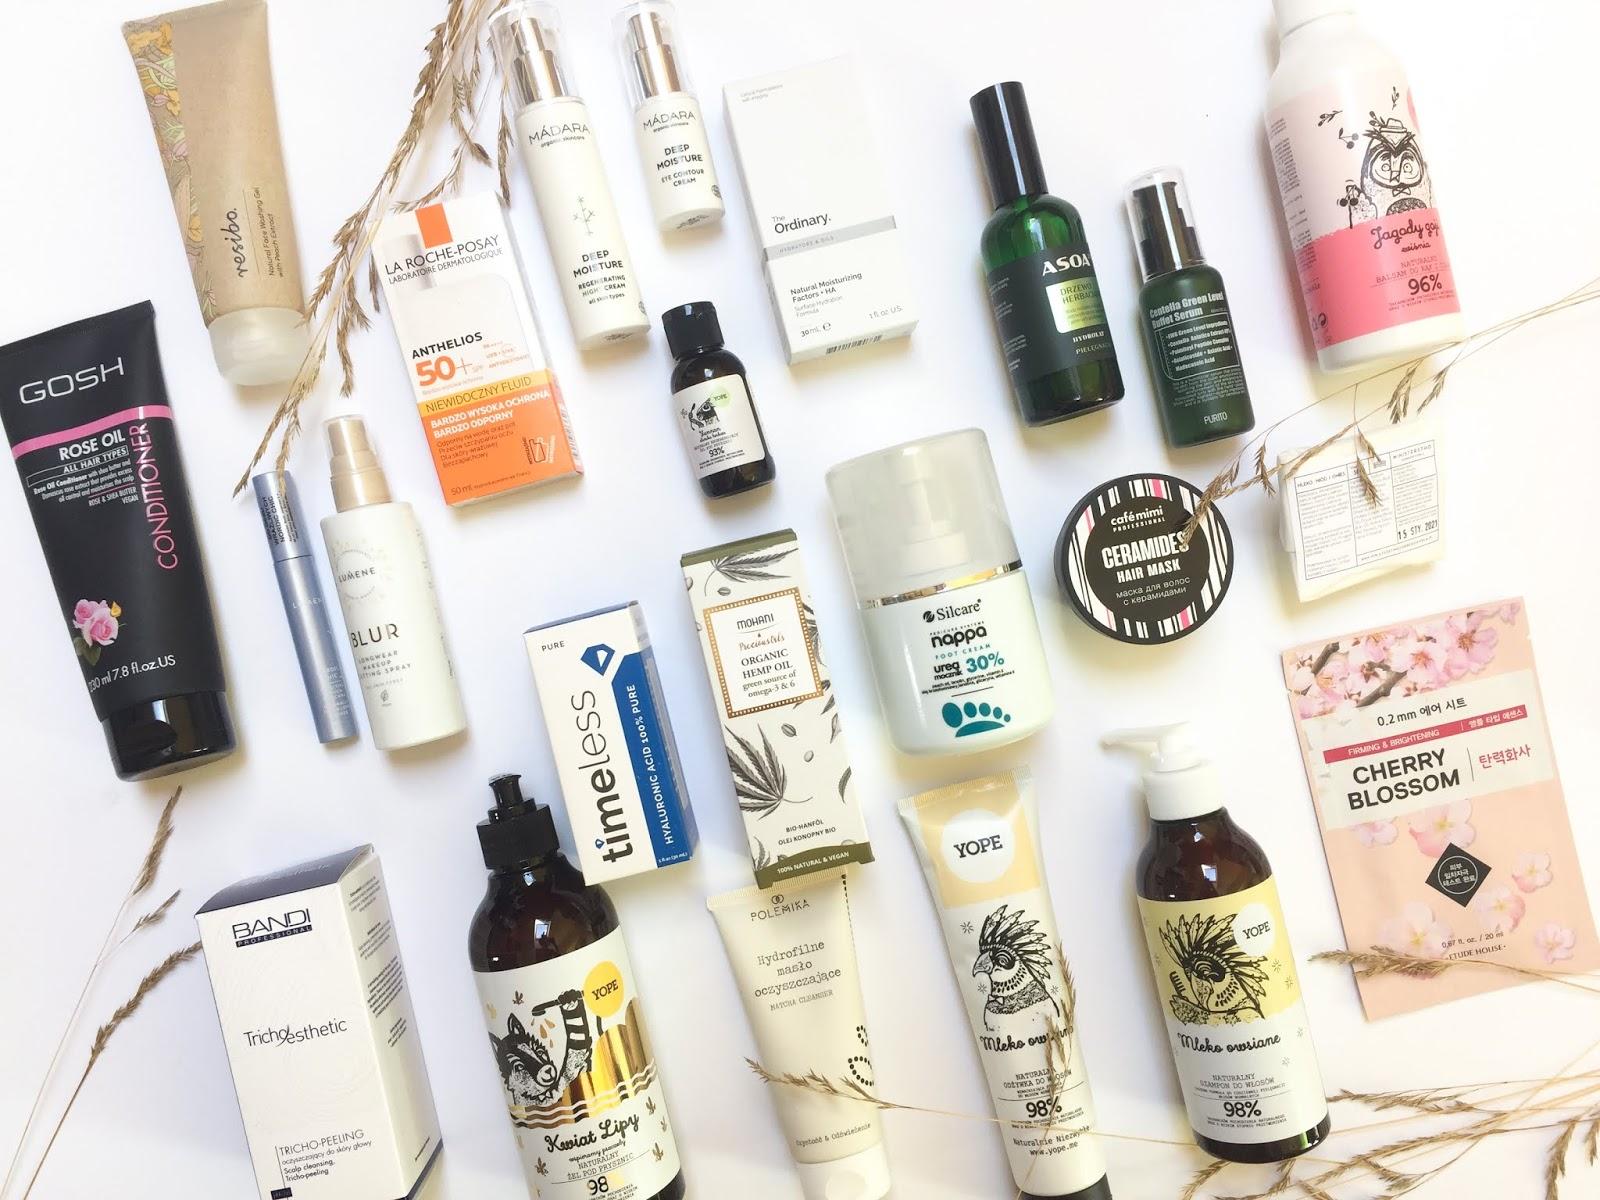 Ostatnie nowości, dużo naturalnych kosmetyków, nowa pielęgnacja (I super news dla fanów Yope!) | Resibo, Madara, Lumene, Yope, Timeless, Asoa, Purito i inne